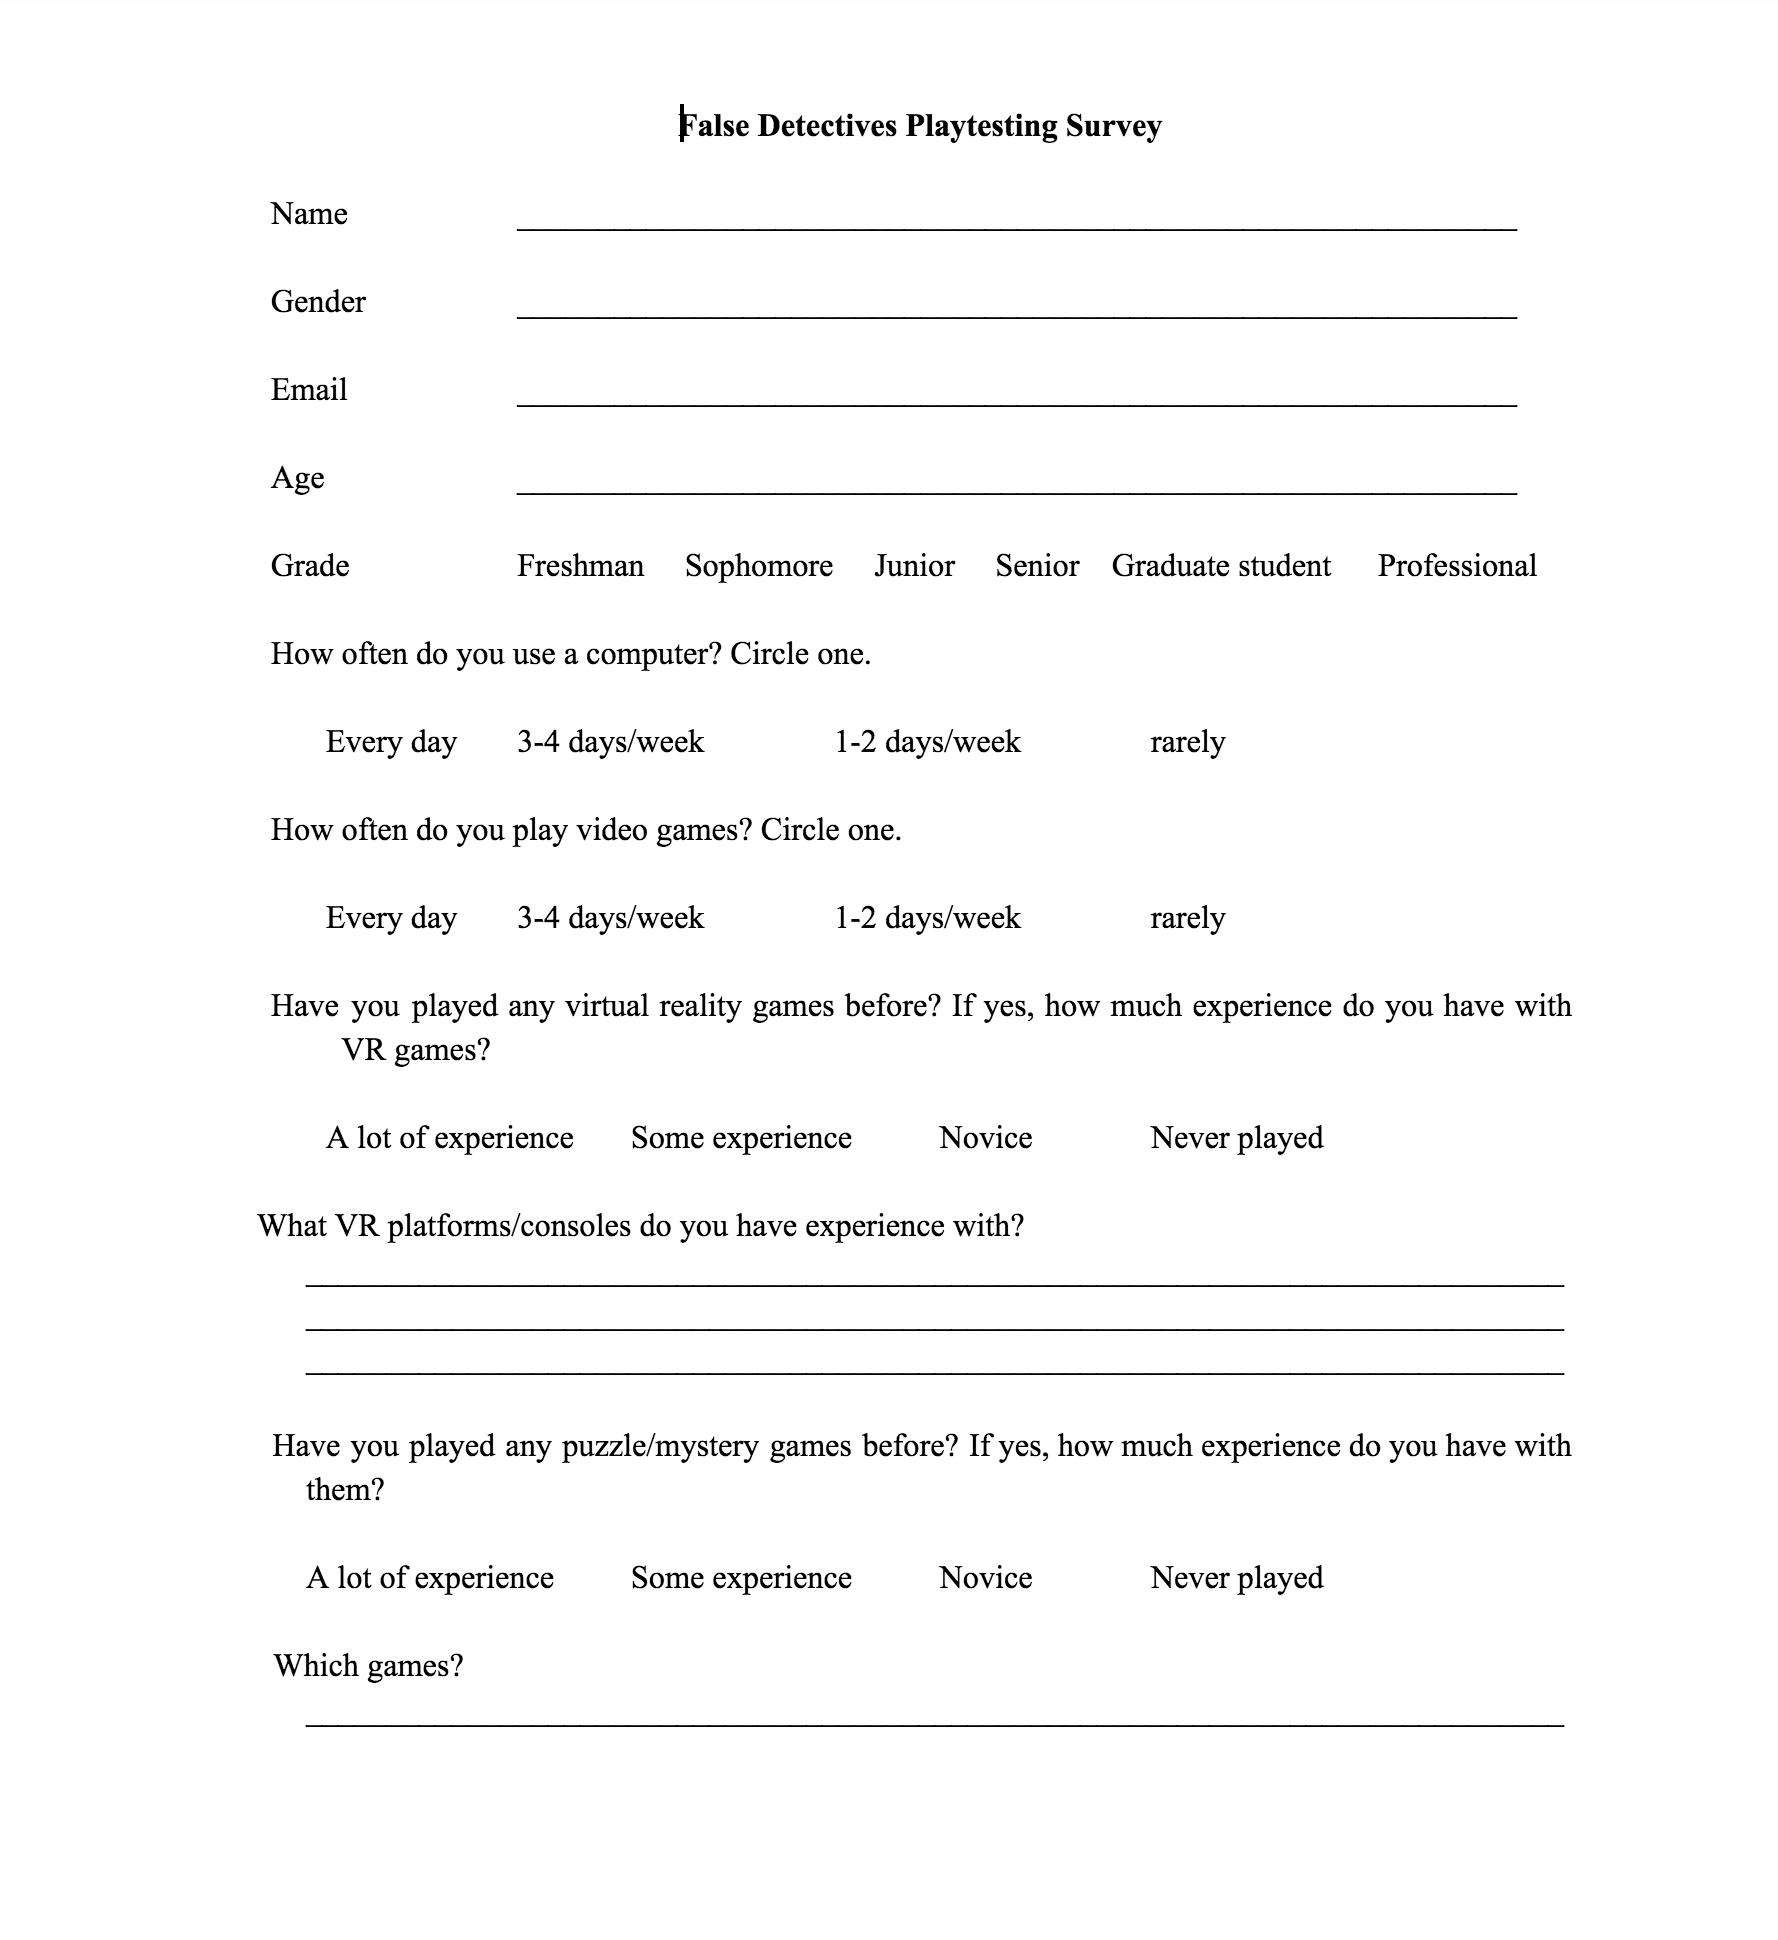 Playtest survey